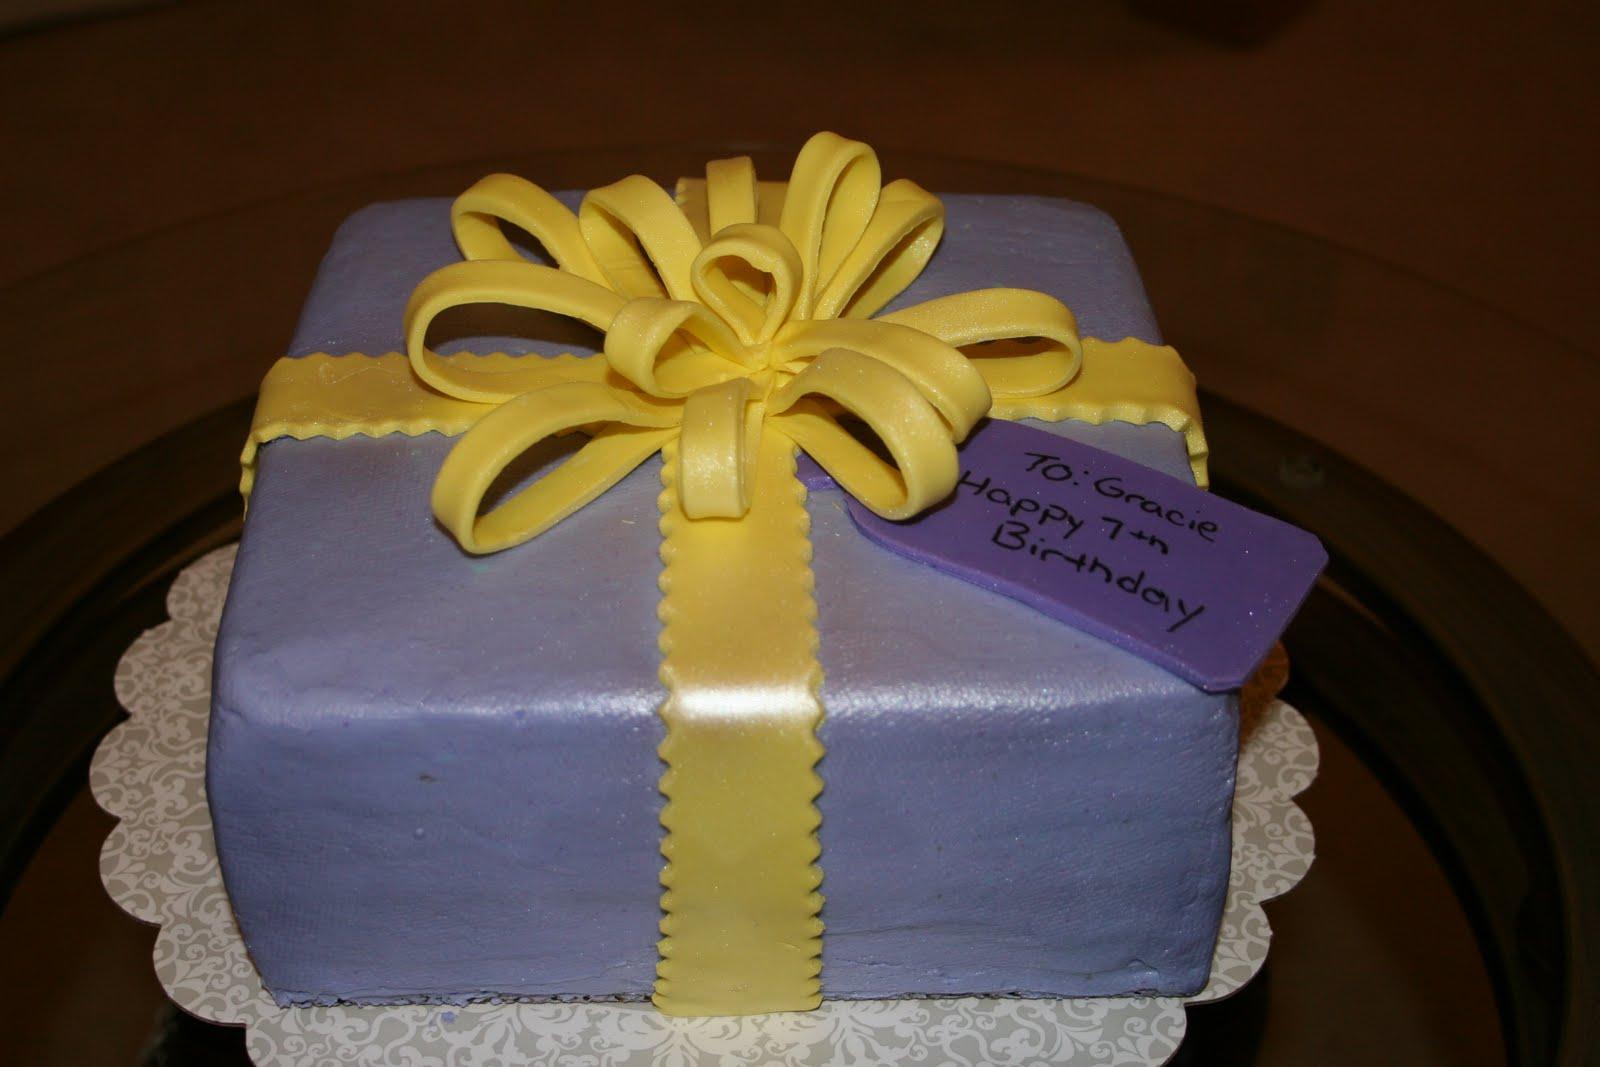 Rachels Creative Cakes Birthday Present Cake